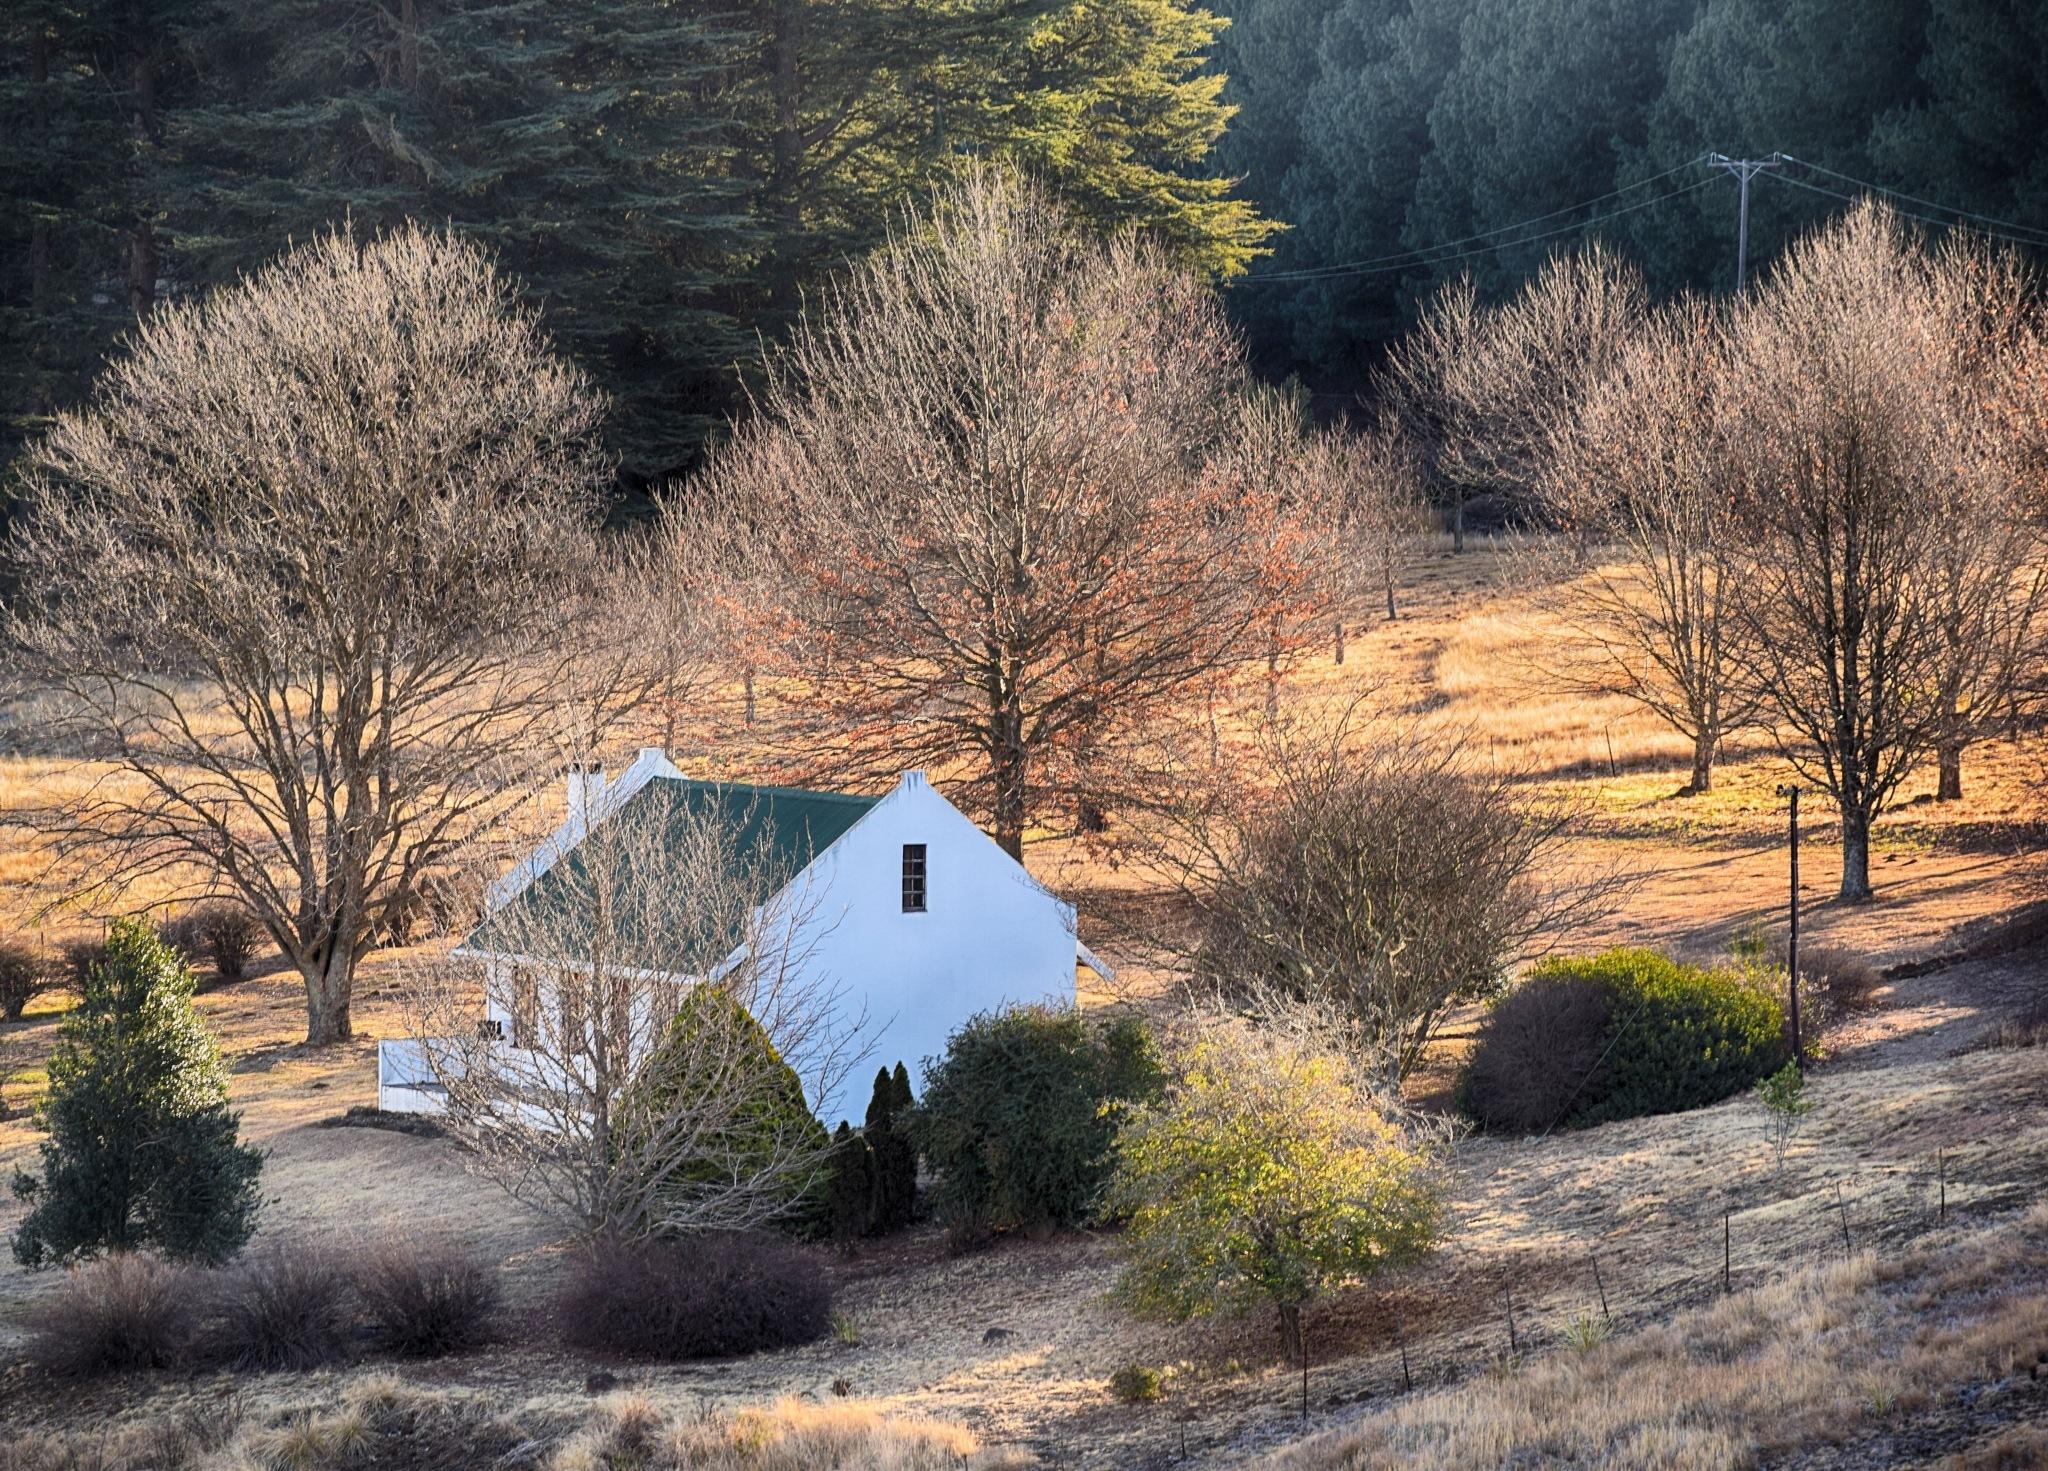 The Quaint Cottage by debbielott